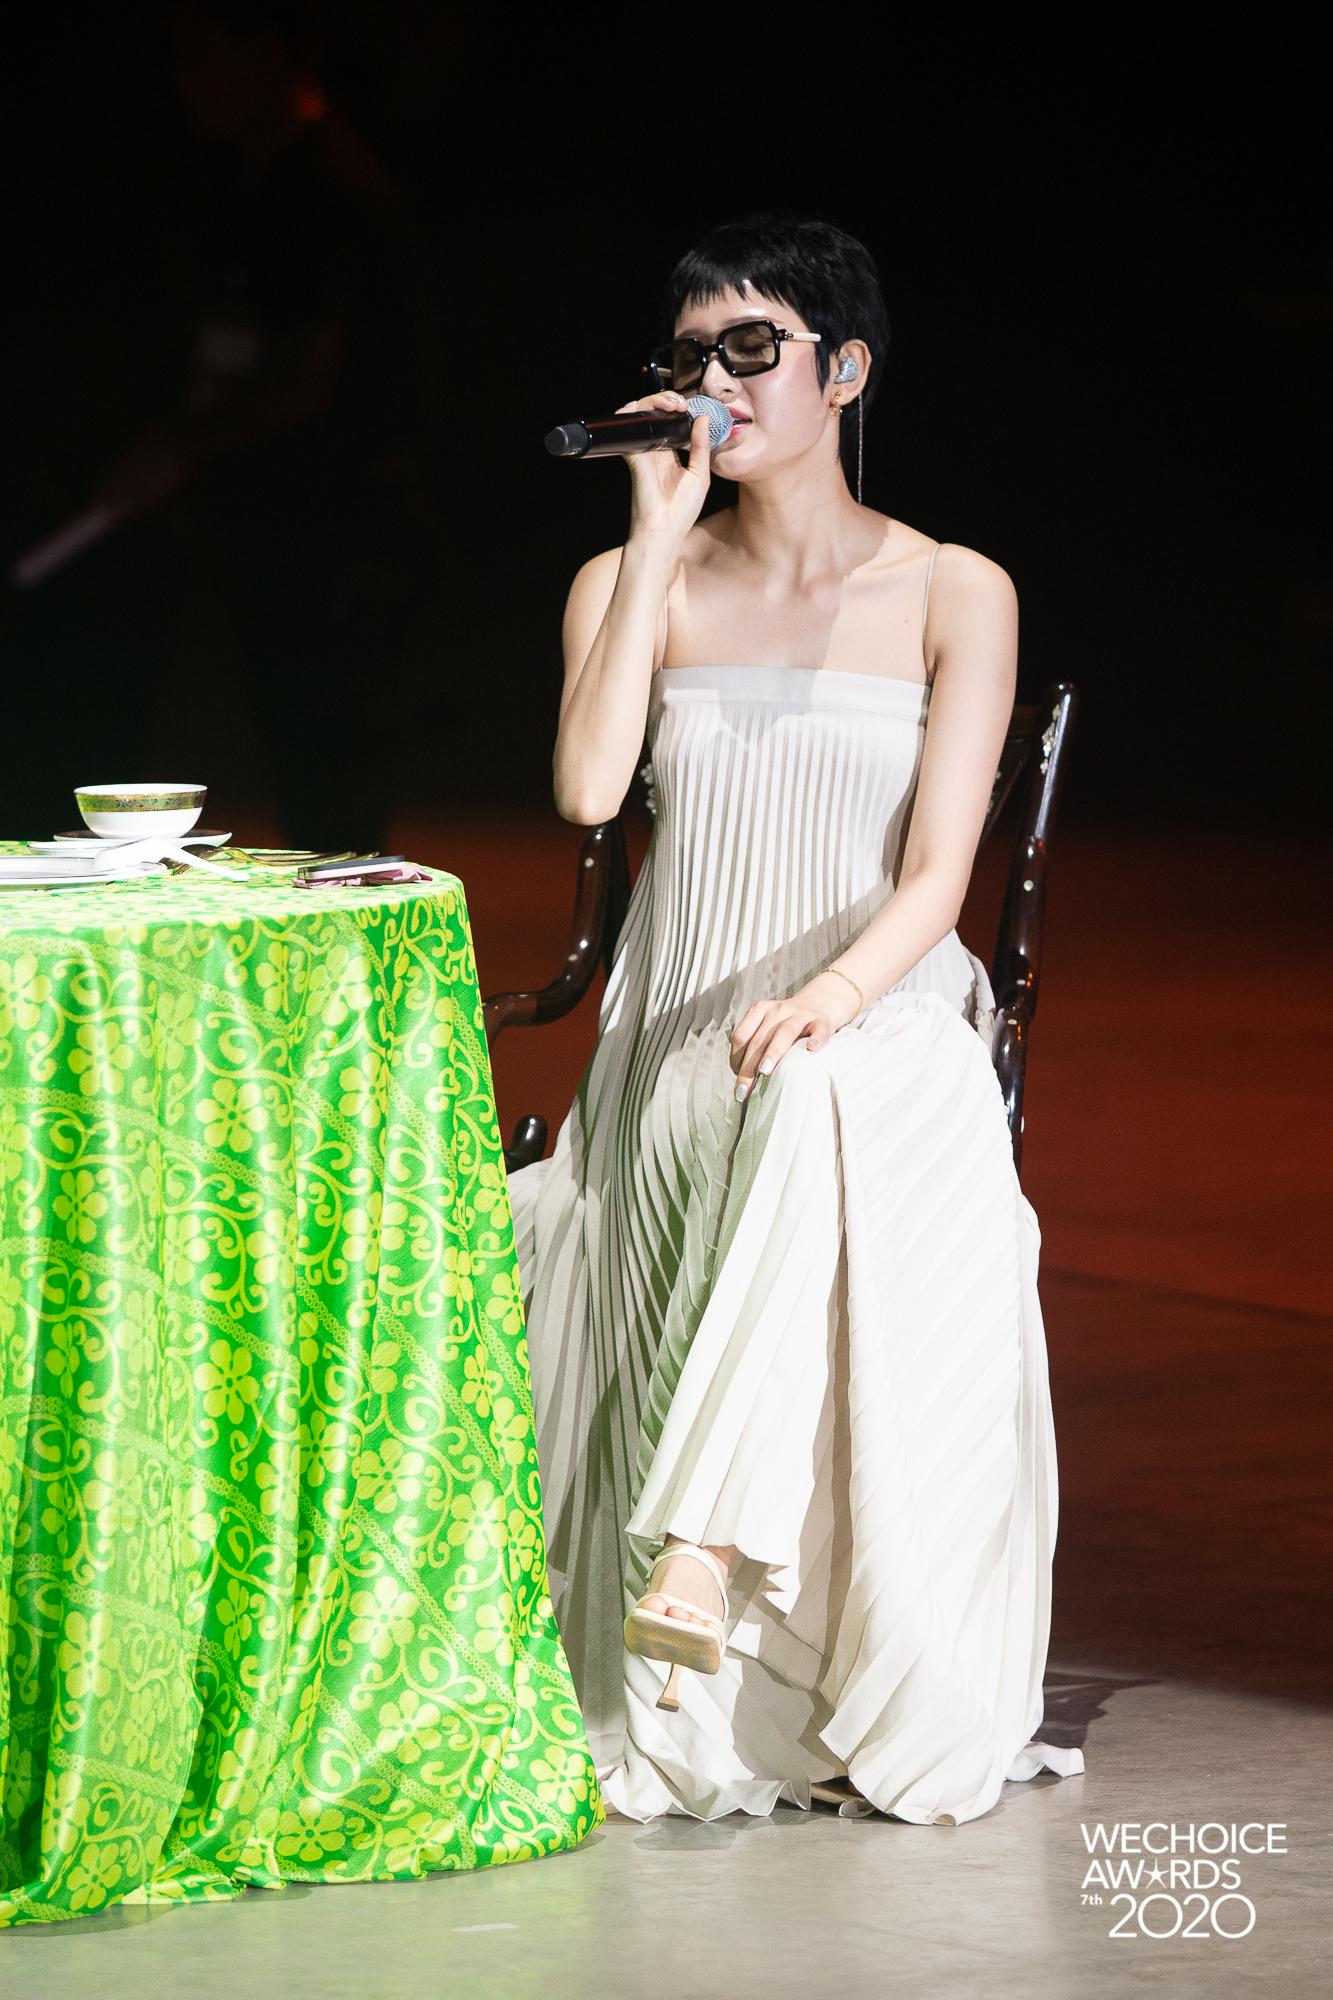 Style sao đi tổng duyệt WeChoice 2020: Hoà Minzy lên đồ trẻ trung không quên đeo khẩu trang, Hiền Hồ đeo kính râm cá tính - Ảnh 2.